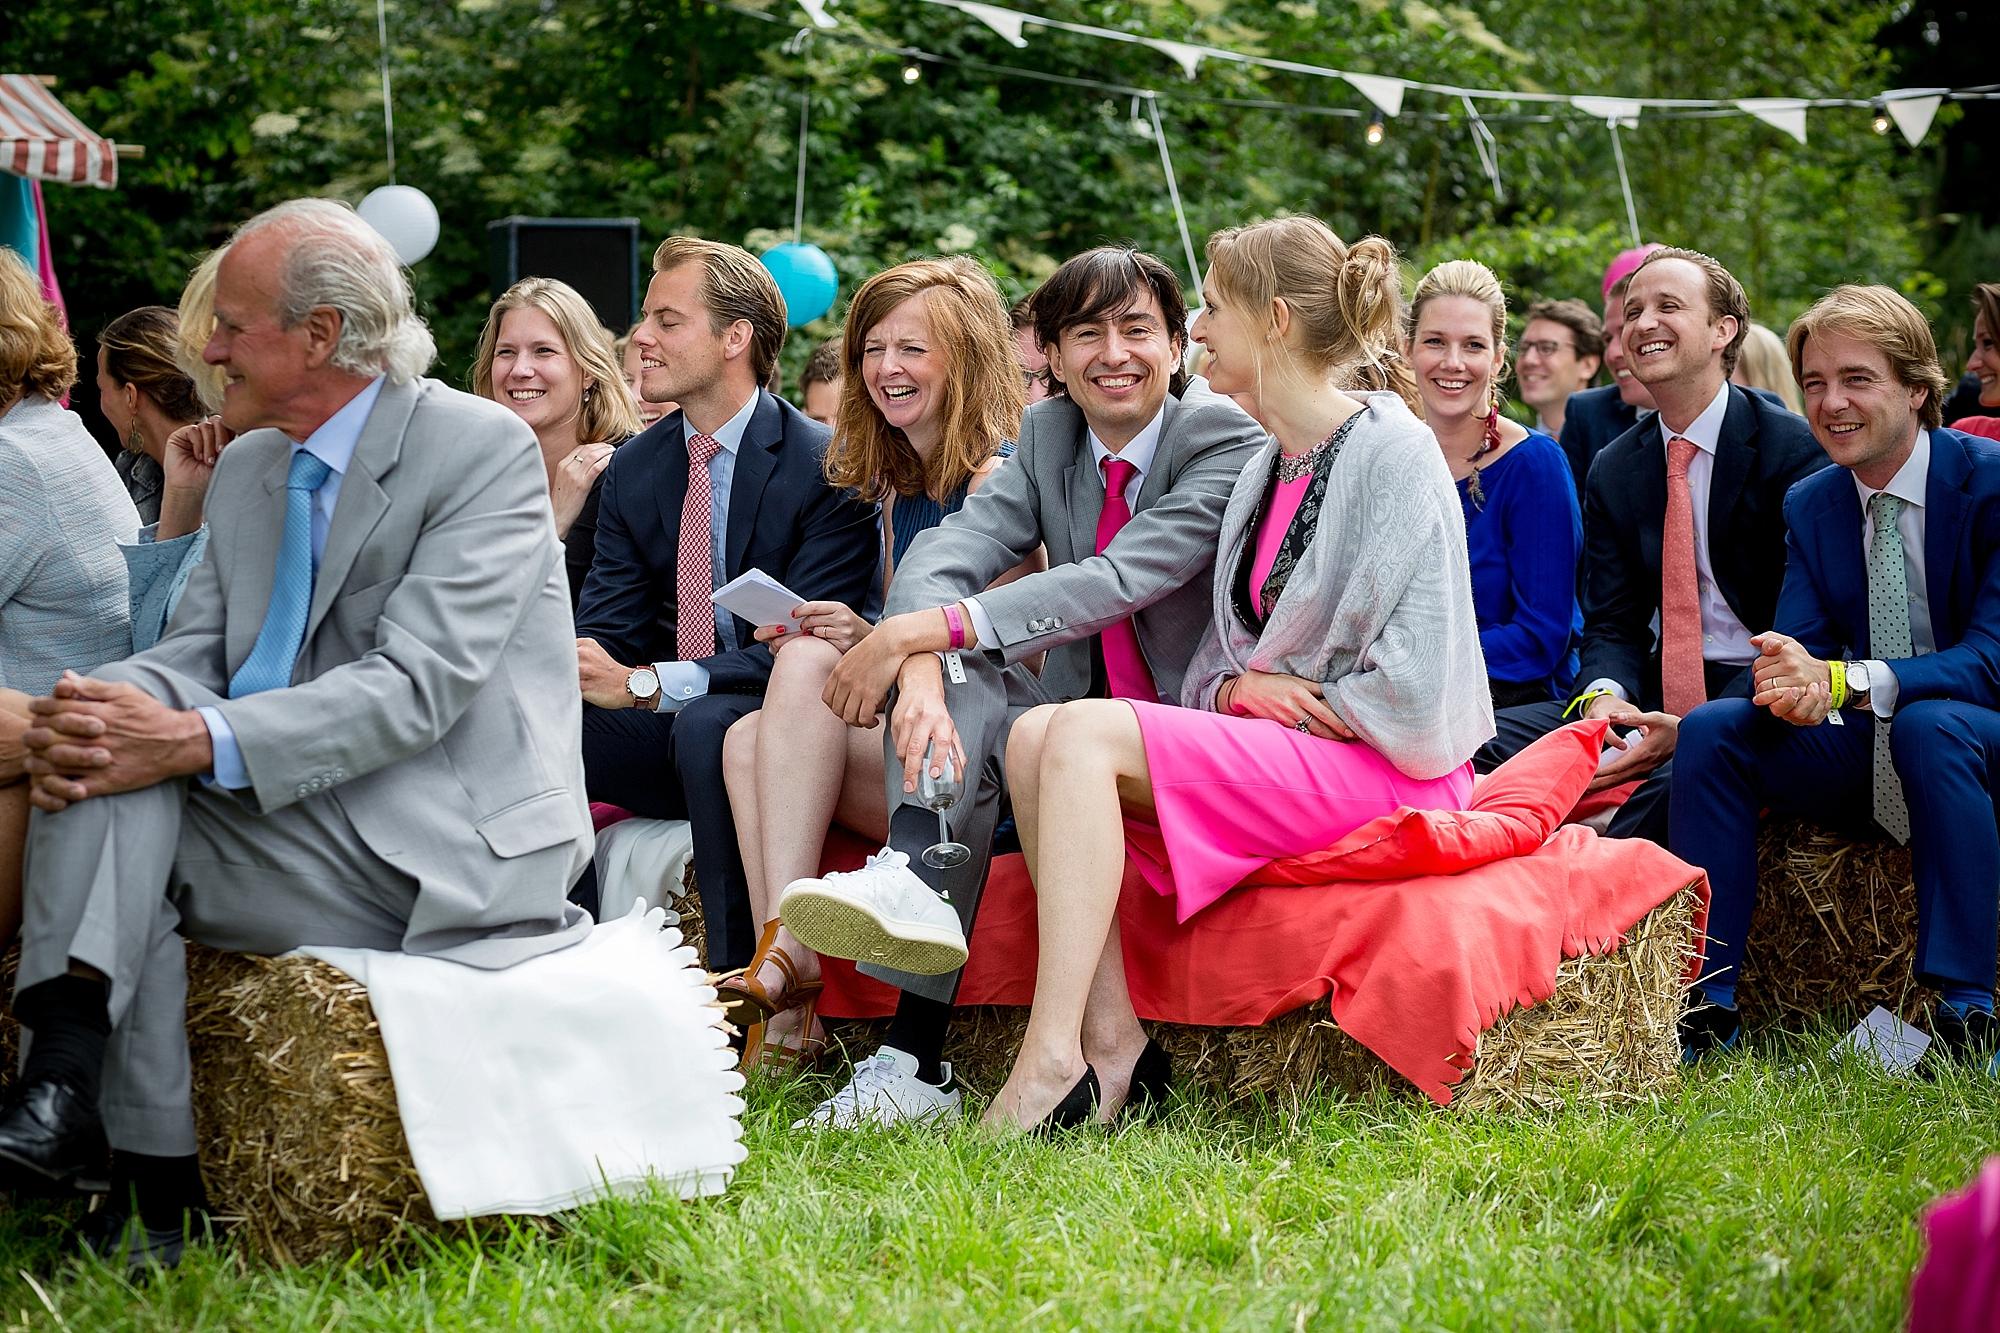 bruidsfotograaf-brabant-trouwen-in-het-bos-festivalbruiloft-vught-haaren_0096.jpg